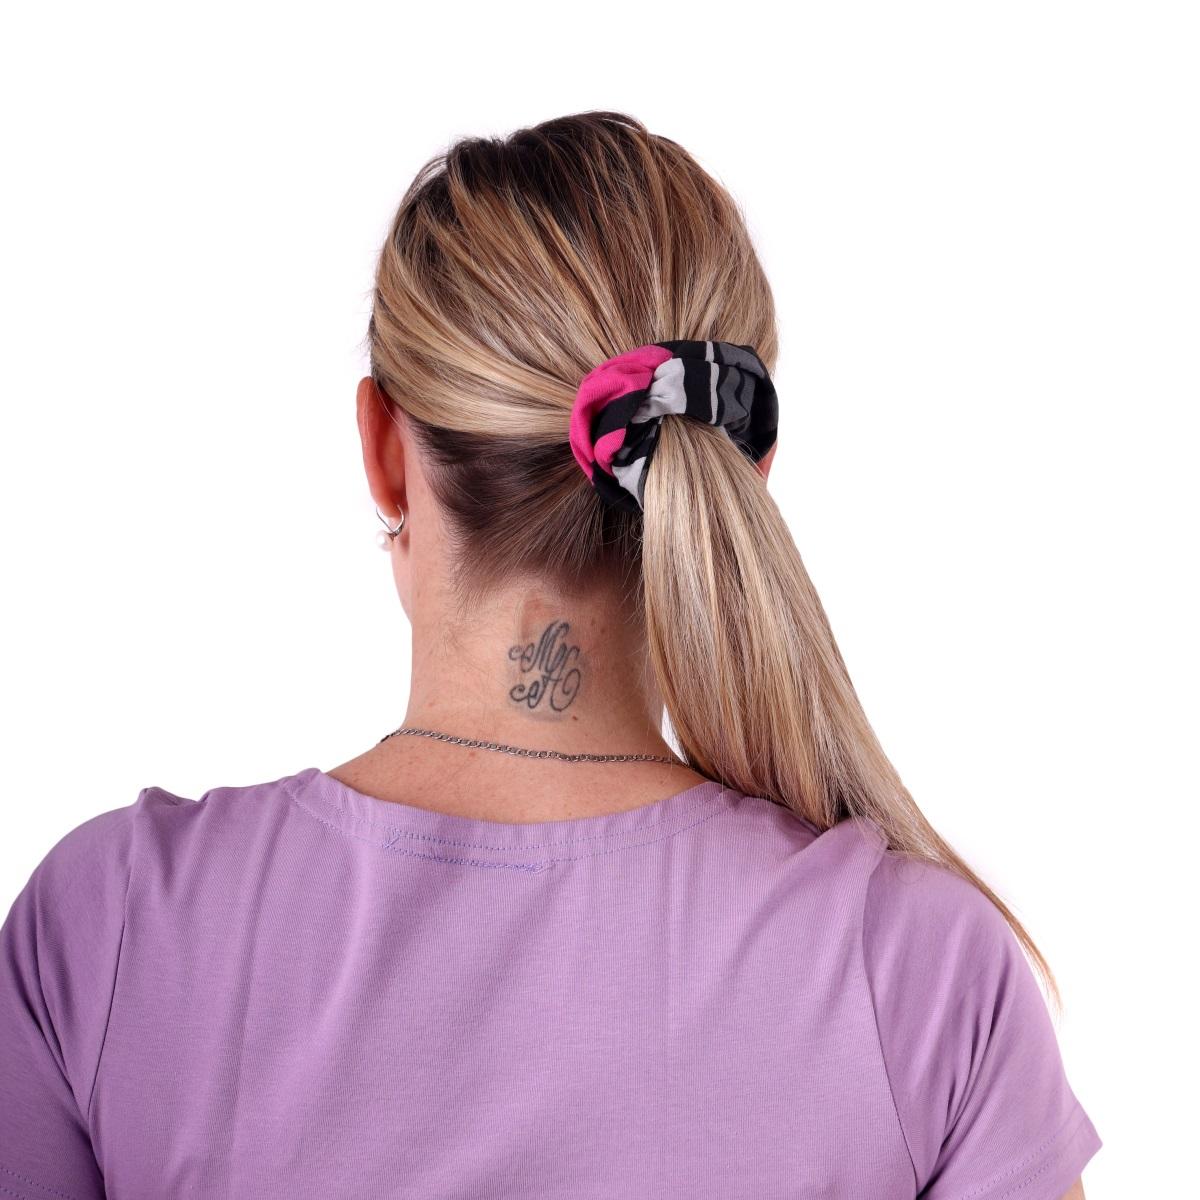 Látková gumička do vlasů, velká, vzorovaná černo-šedo-růžová